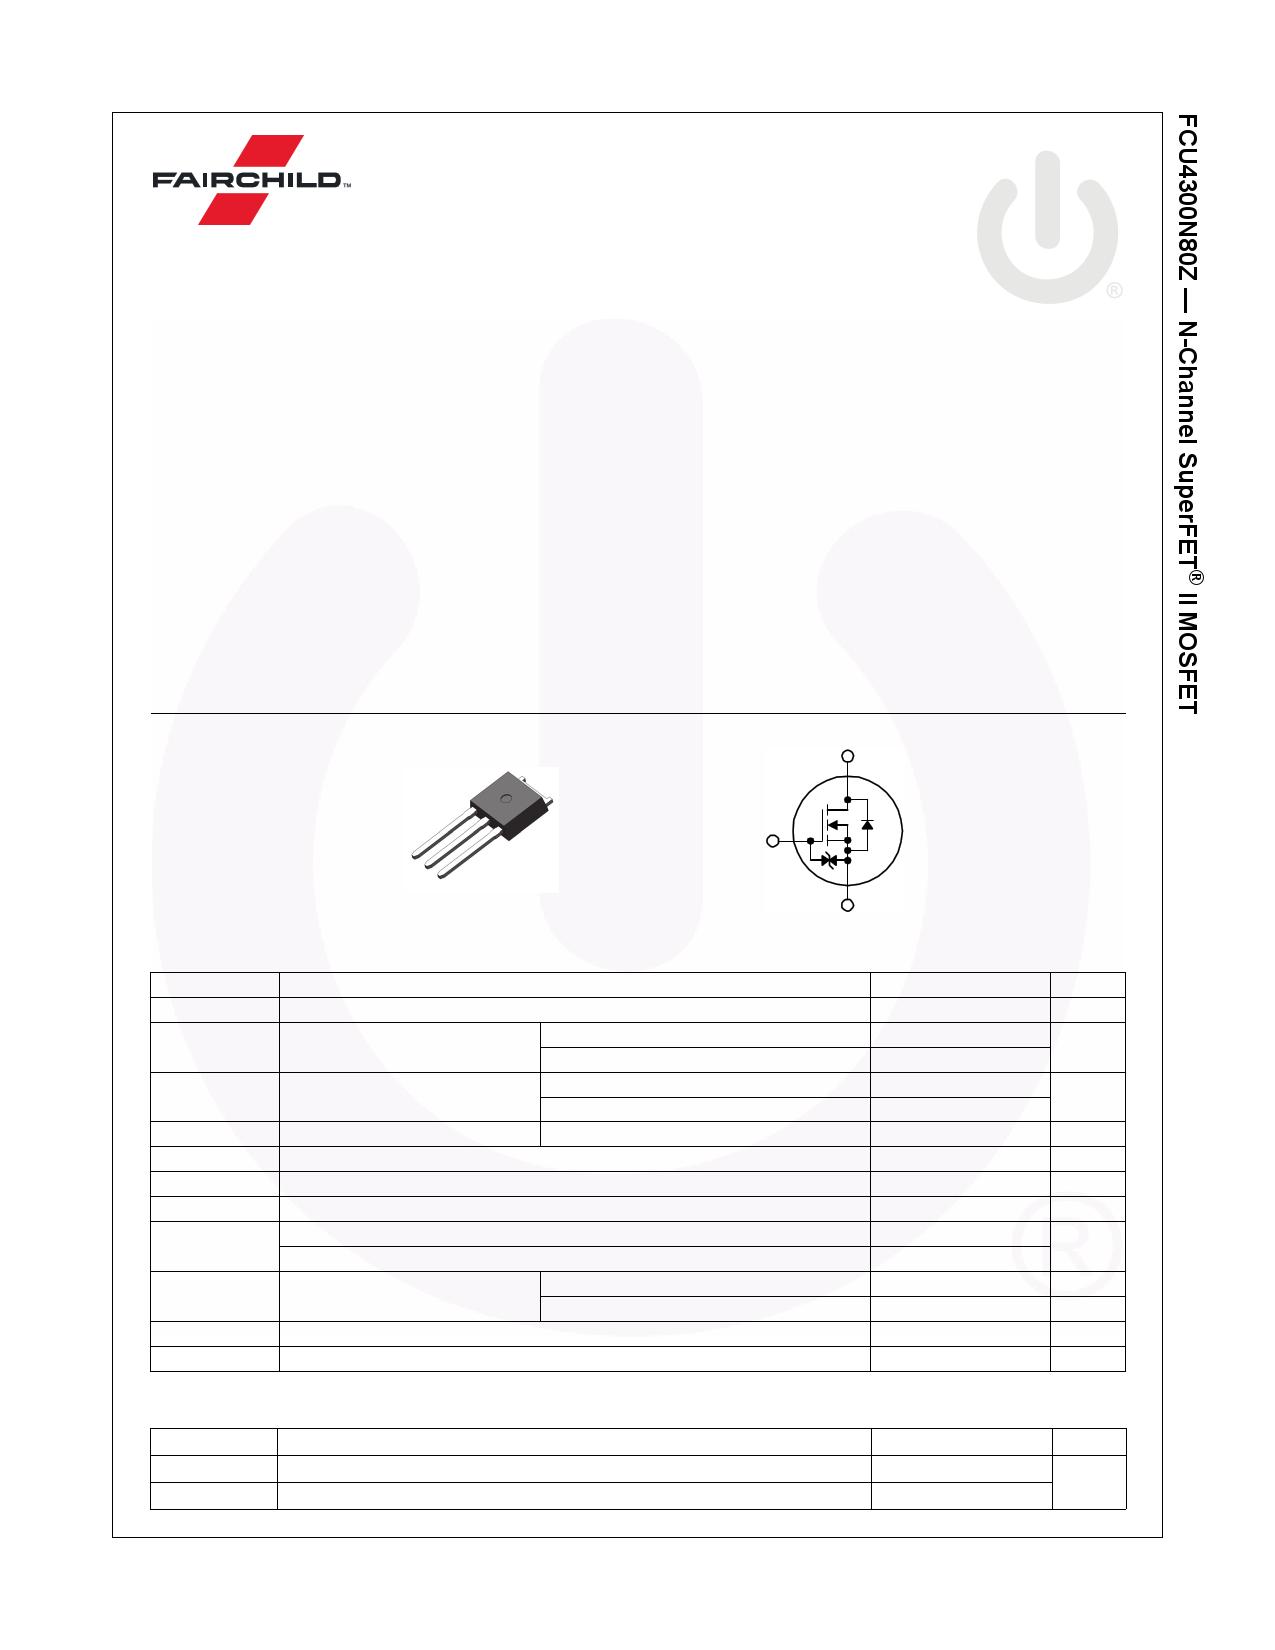 FCU4300N80Z データシート pdf pinout